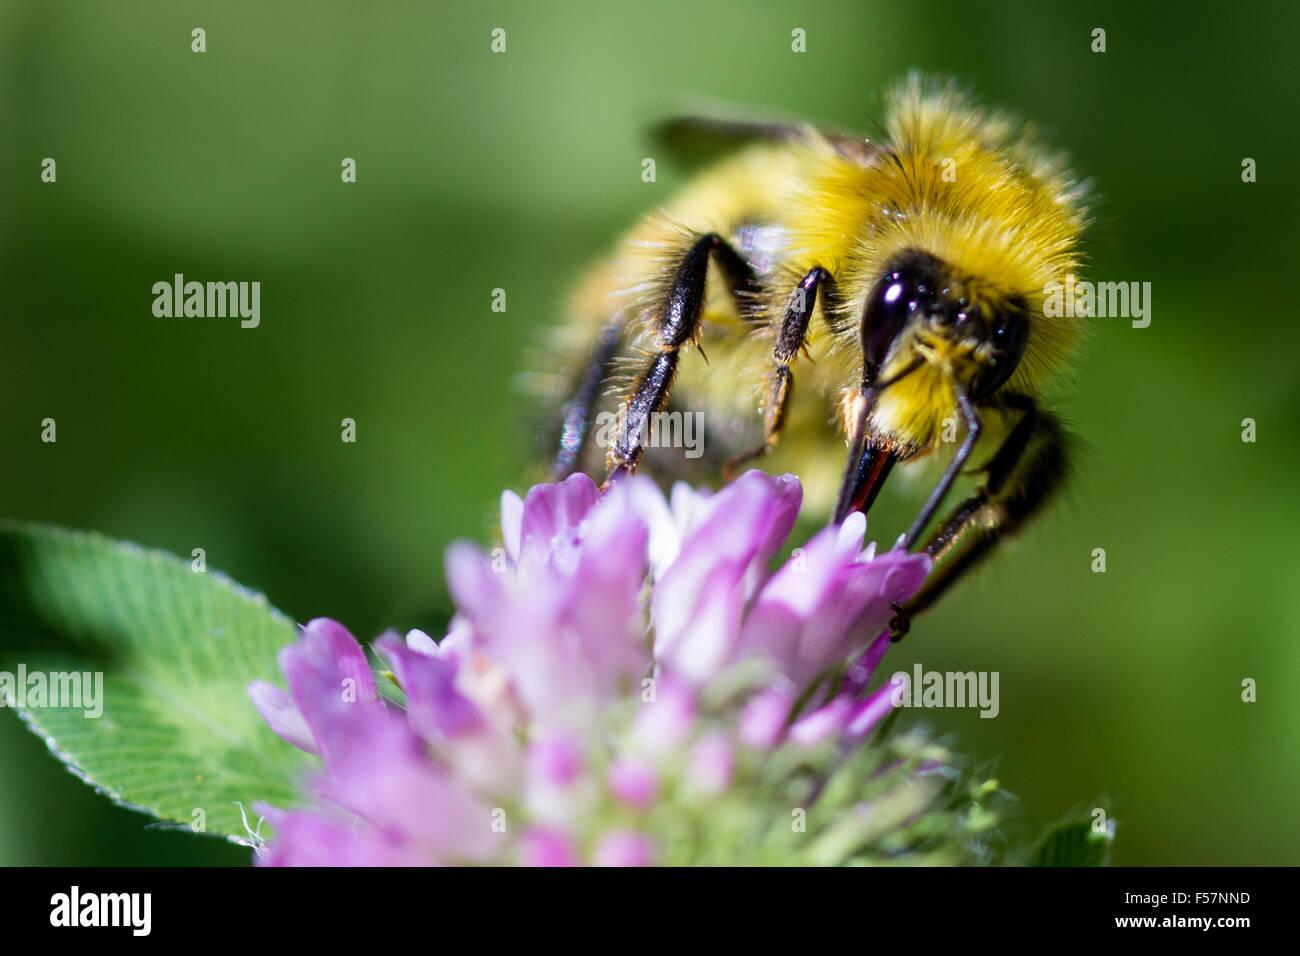 Makro einer Biene Fütterung auf eine Blume, die Bestäubung von Pflanzen im Frühling Stockbild